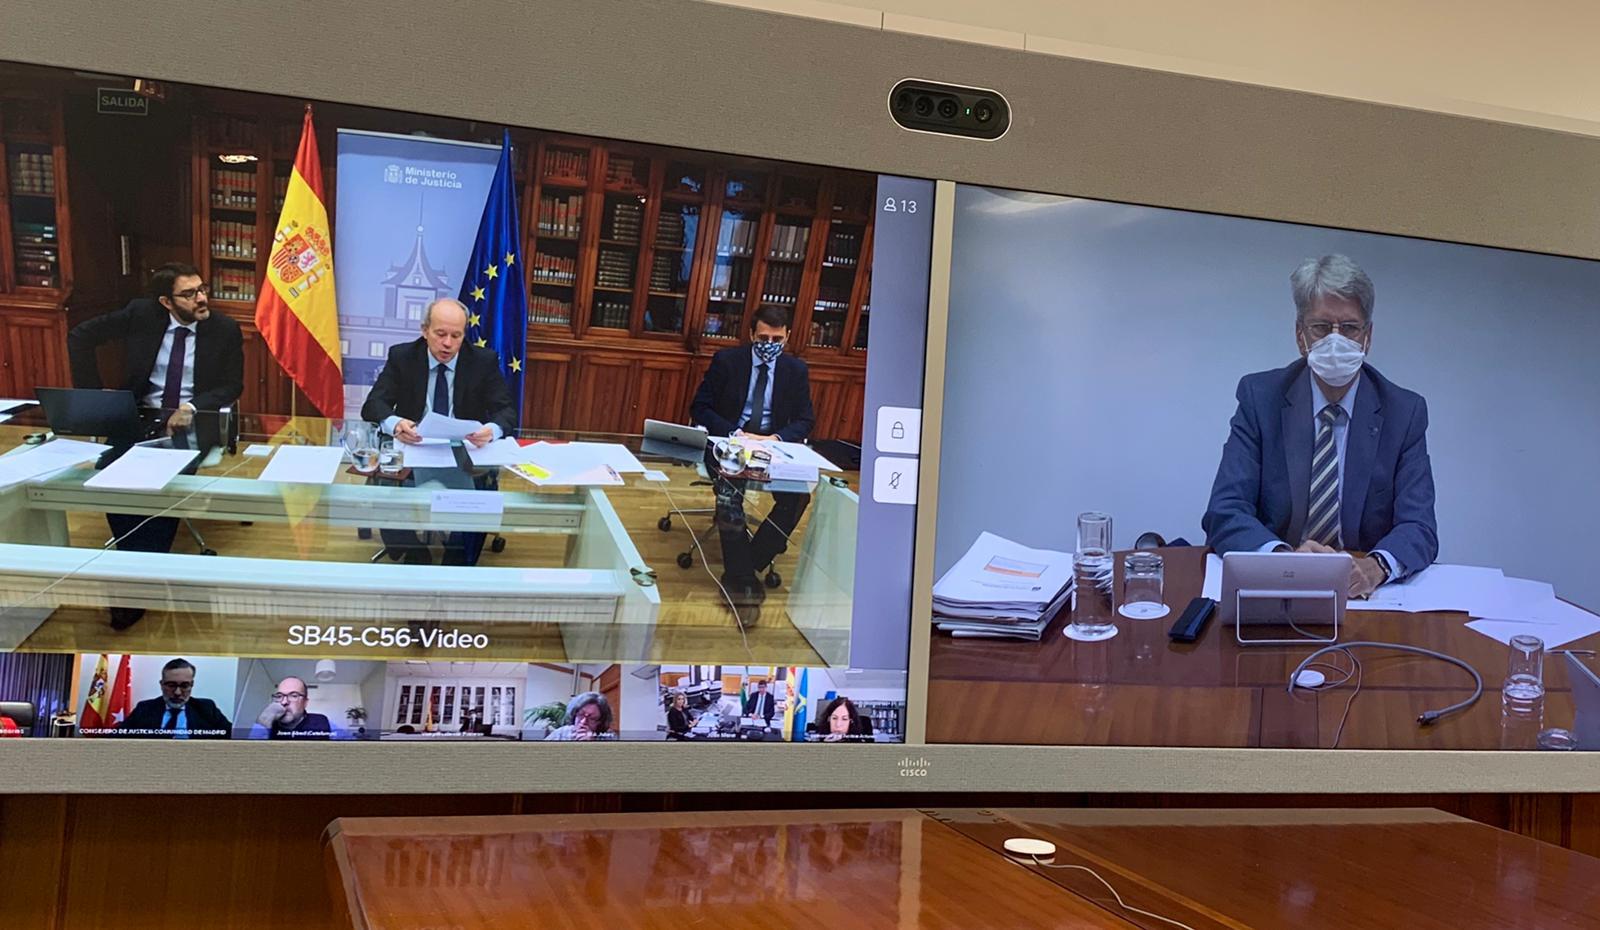 Canarias propone intensificar la formación digital de funcionarios y profesionales de la Justicia